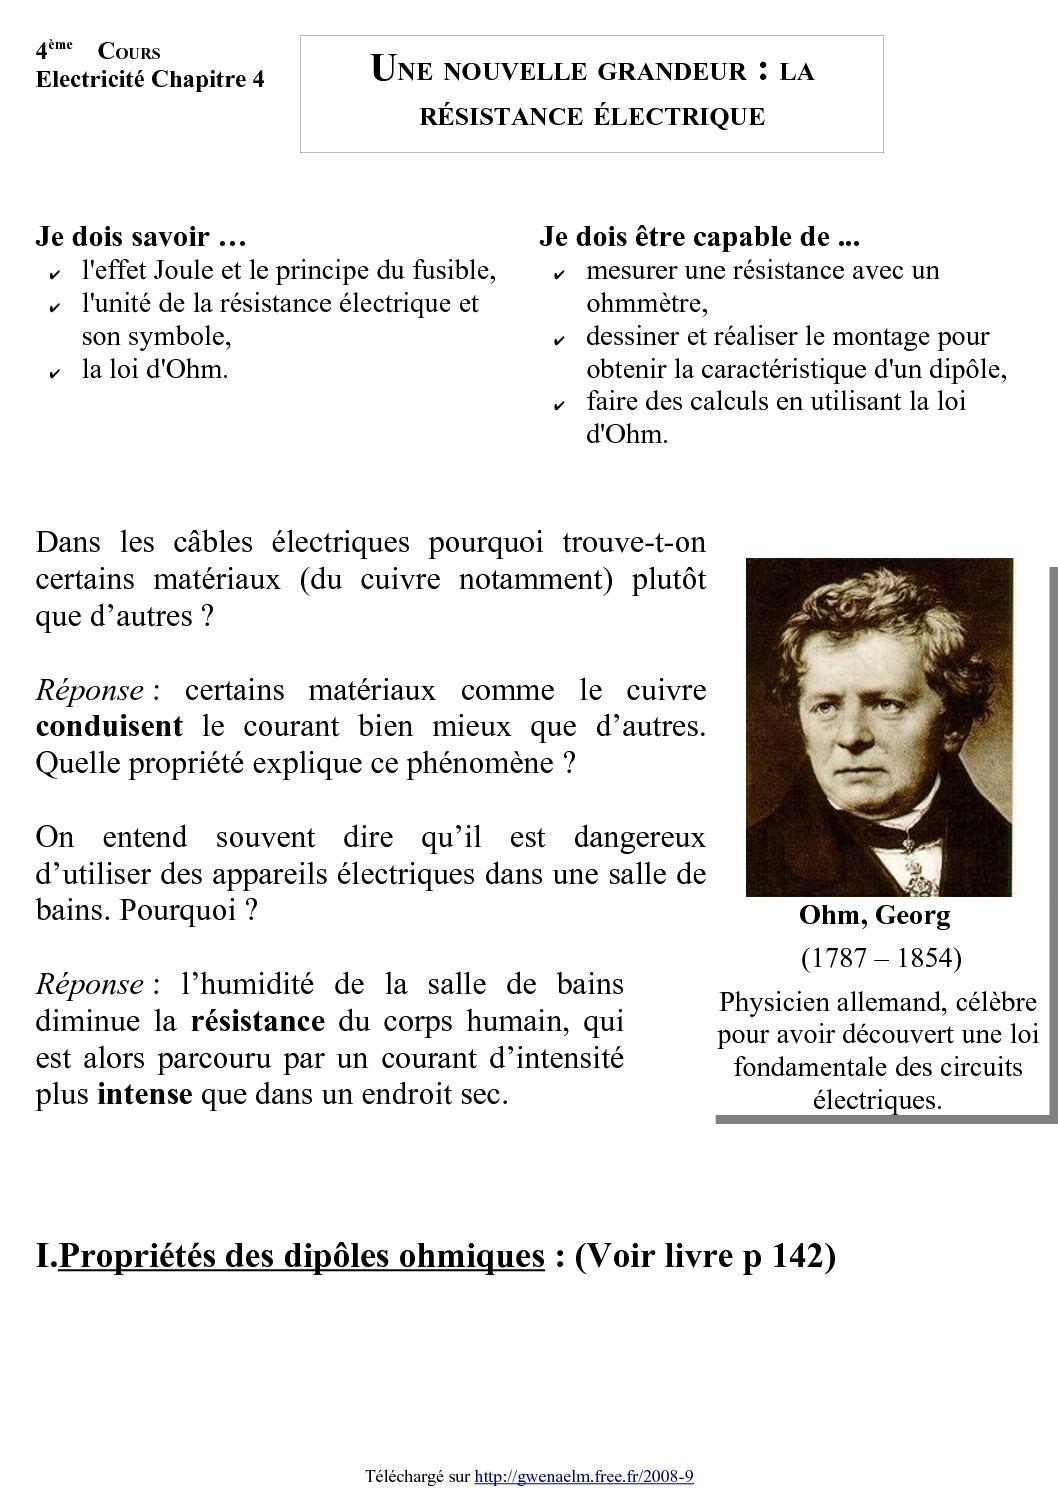 CALCUL LA VALEUR DE RESISTANCE TÉLÉCHARGER OHMIQUE